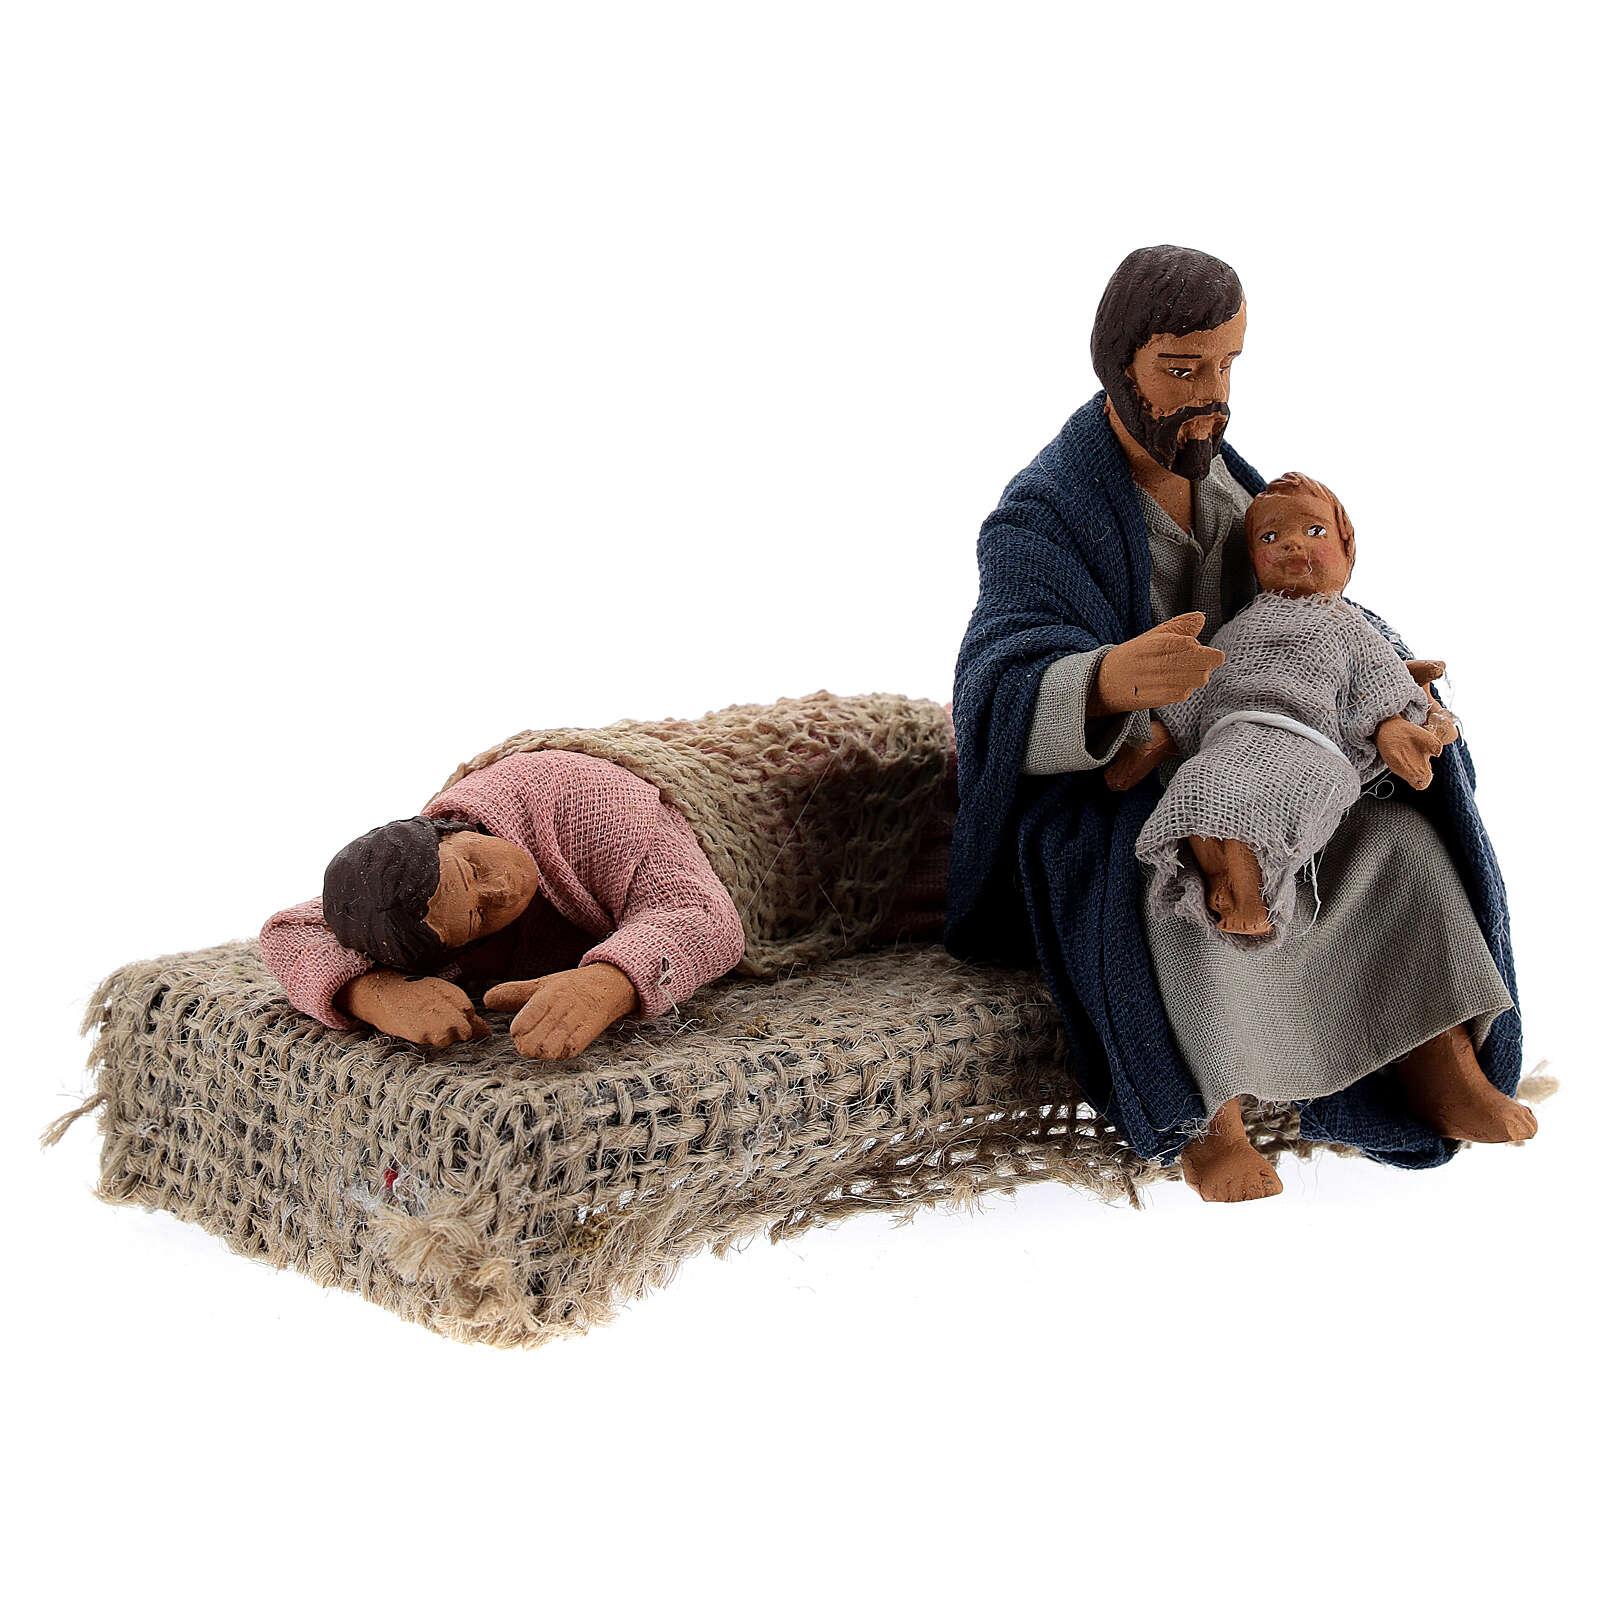 Holy Family sleeping Mary scene, 10 cm Neapolitan nativity scene 4